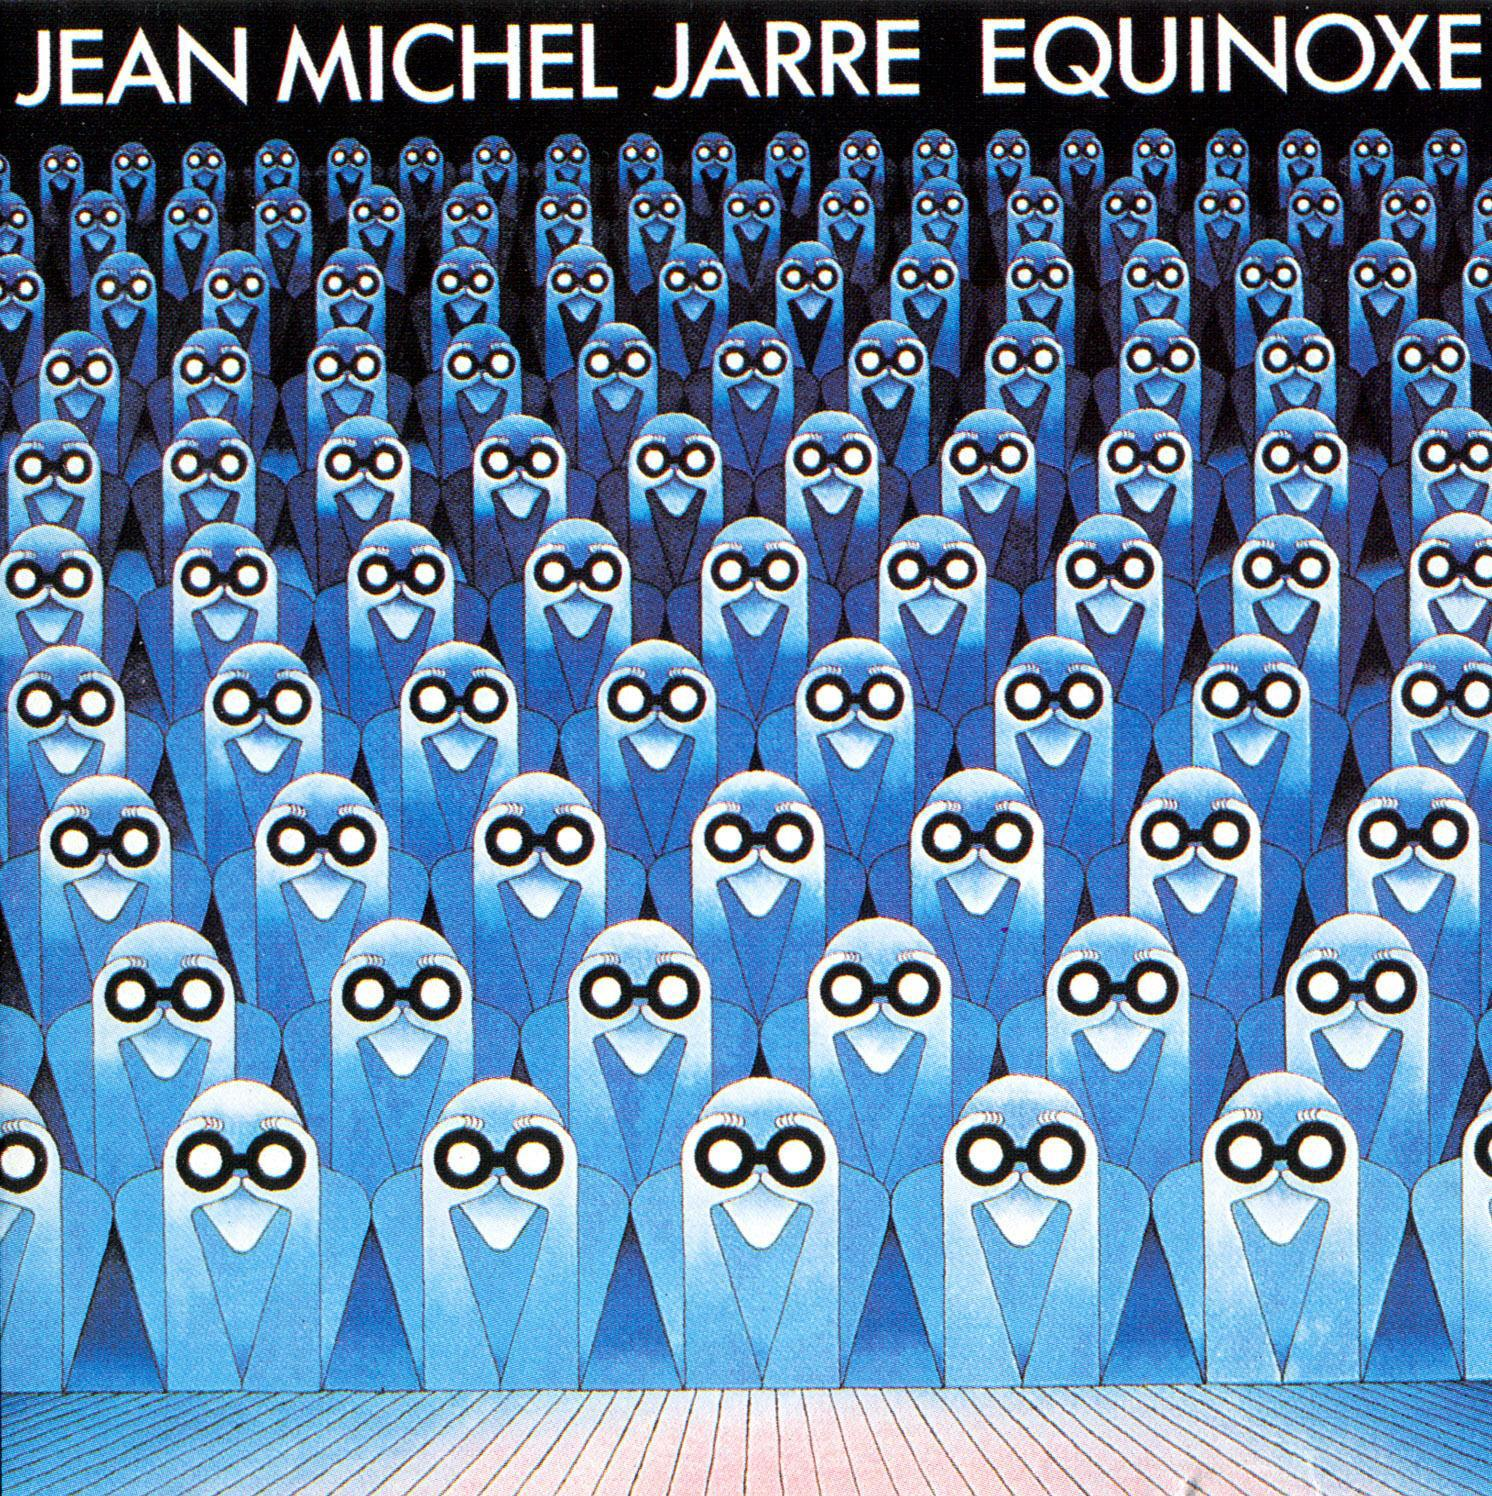 JeanMichelJarre-Equinoxe%2528HQ%2529-Front.JPG